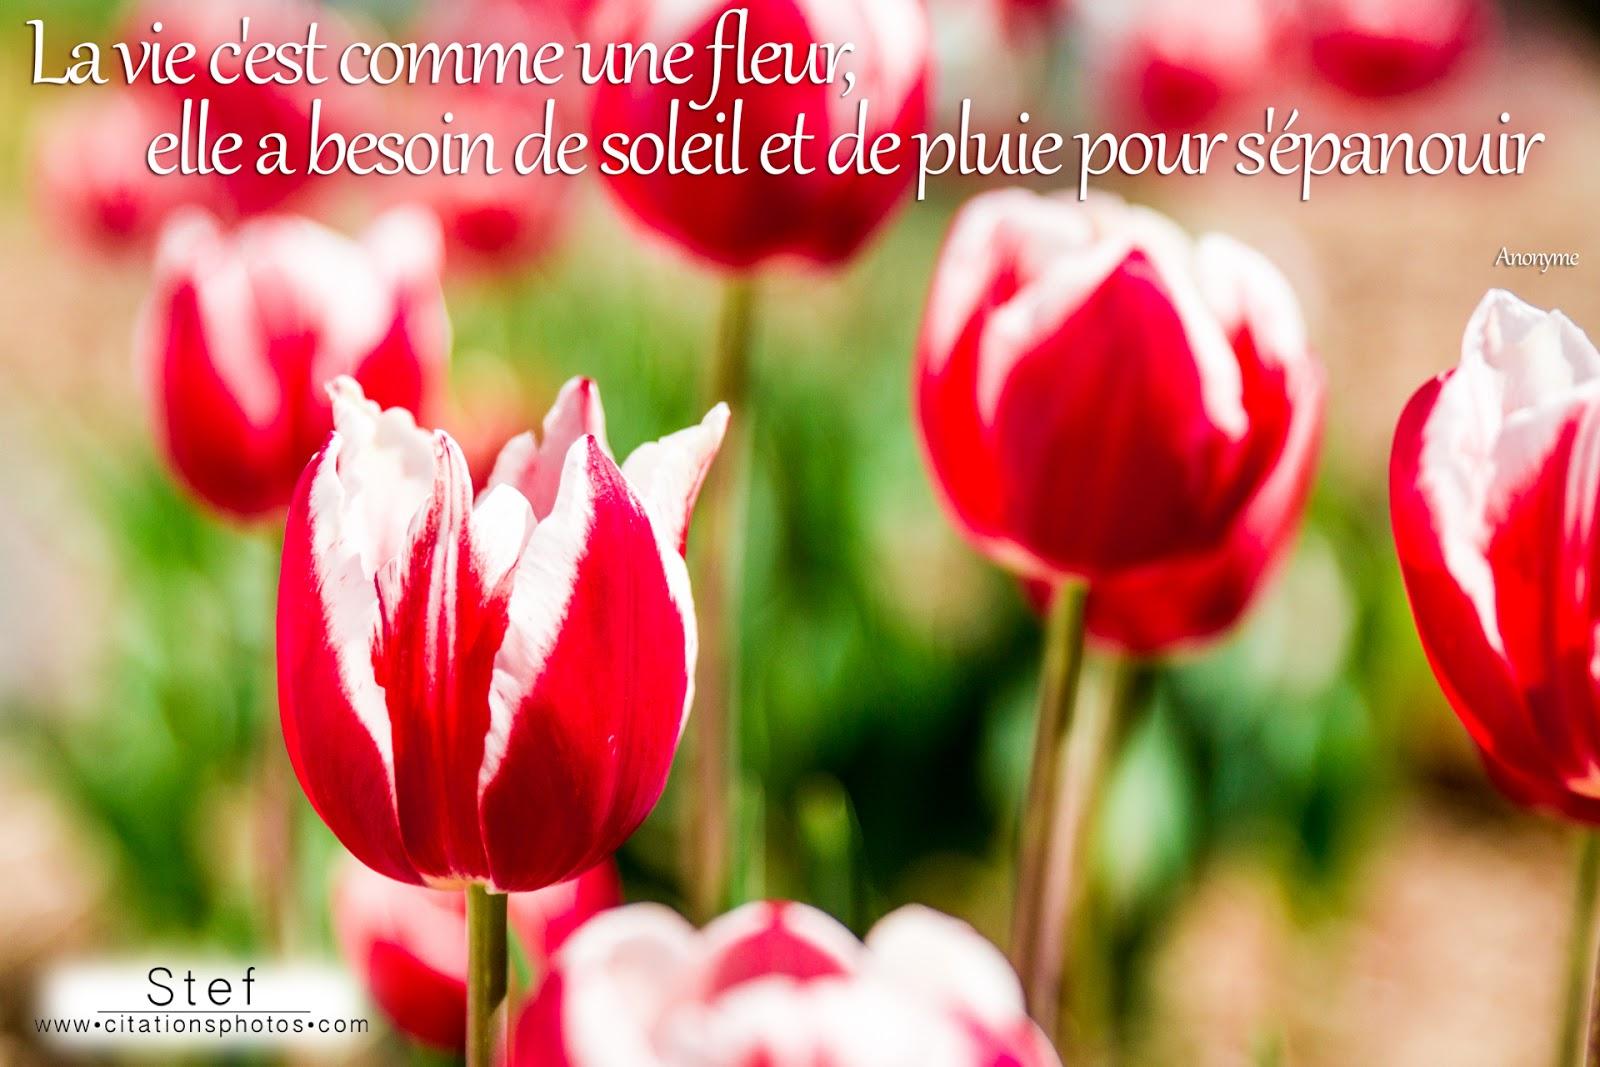 09/03/14 : Proverbes&Citations sur la Vie